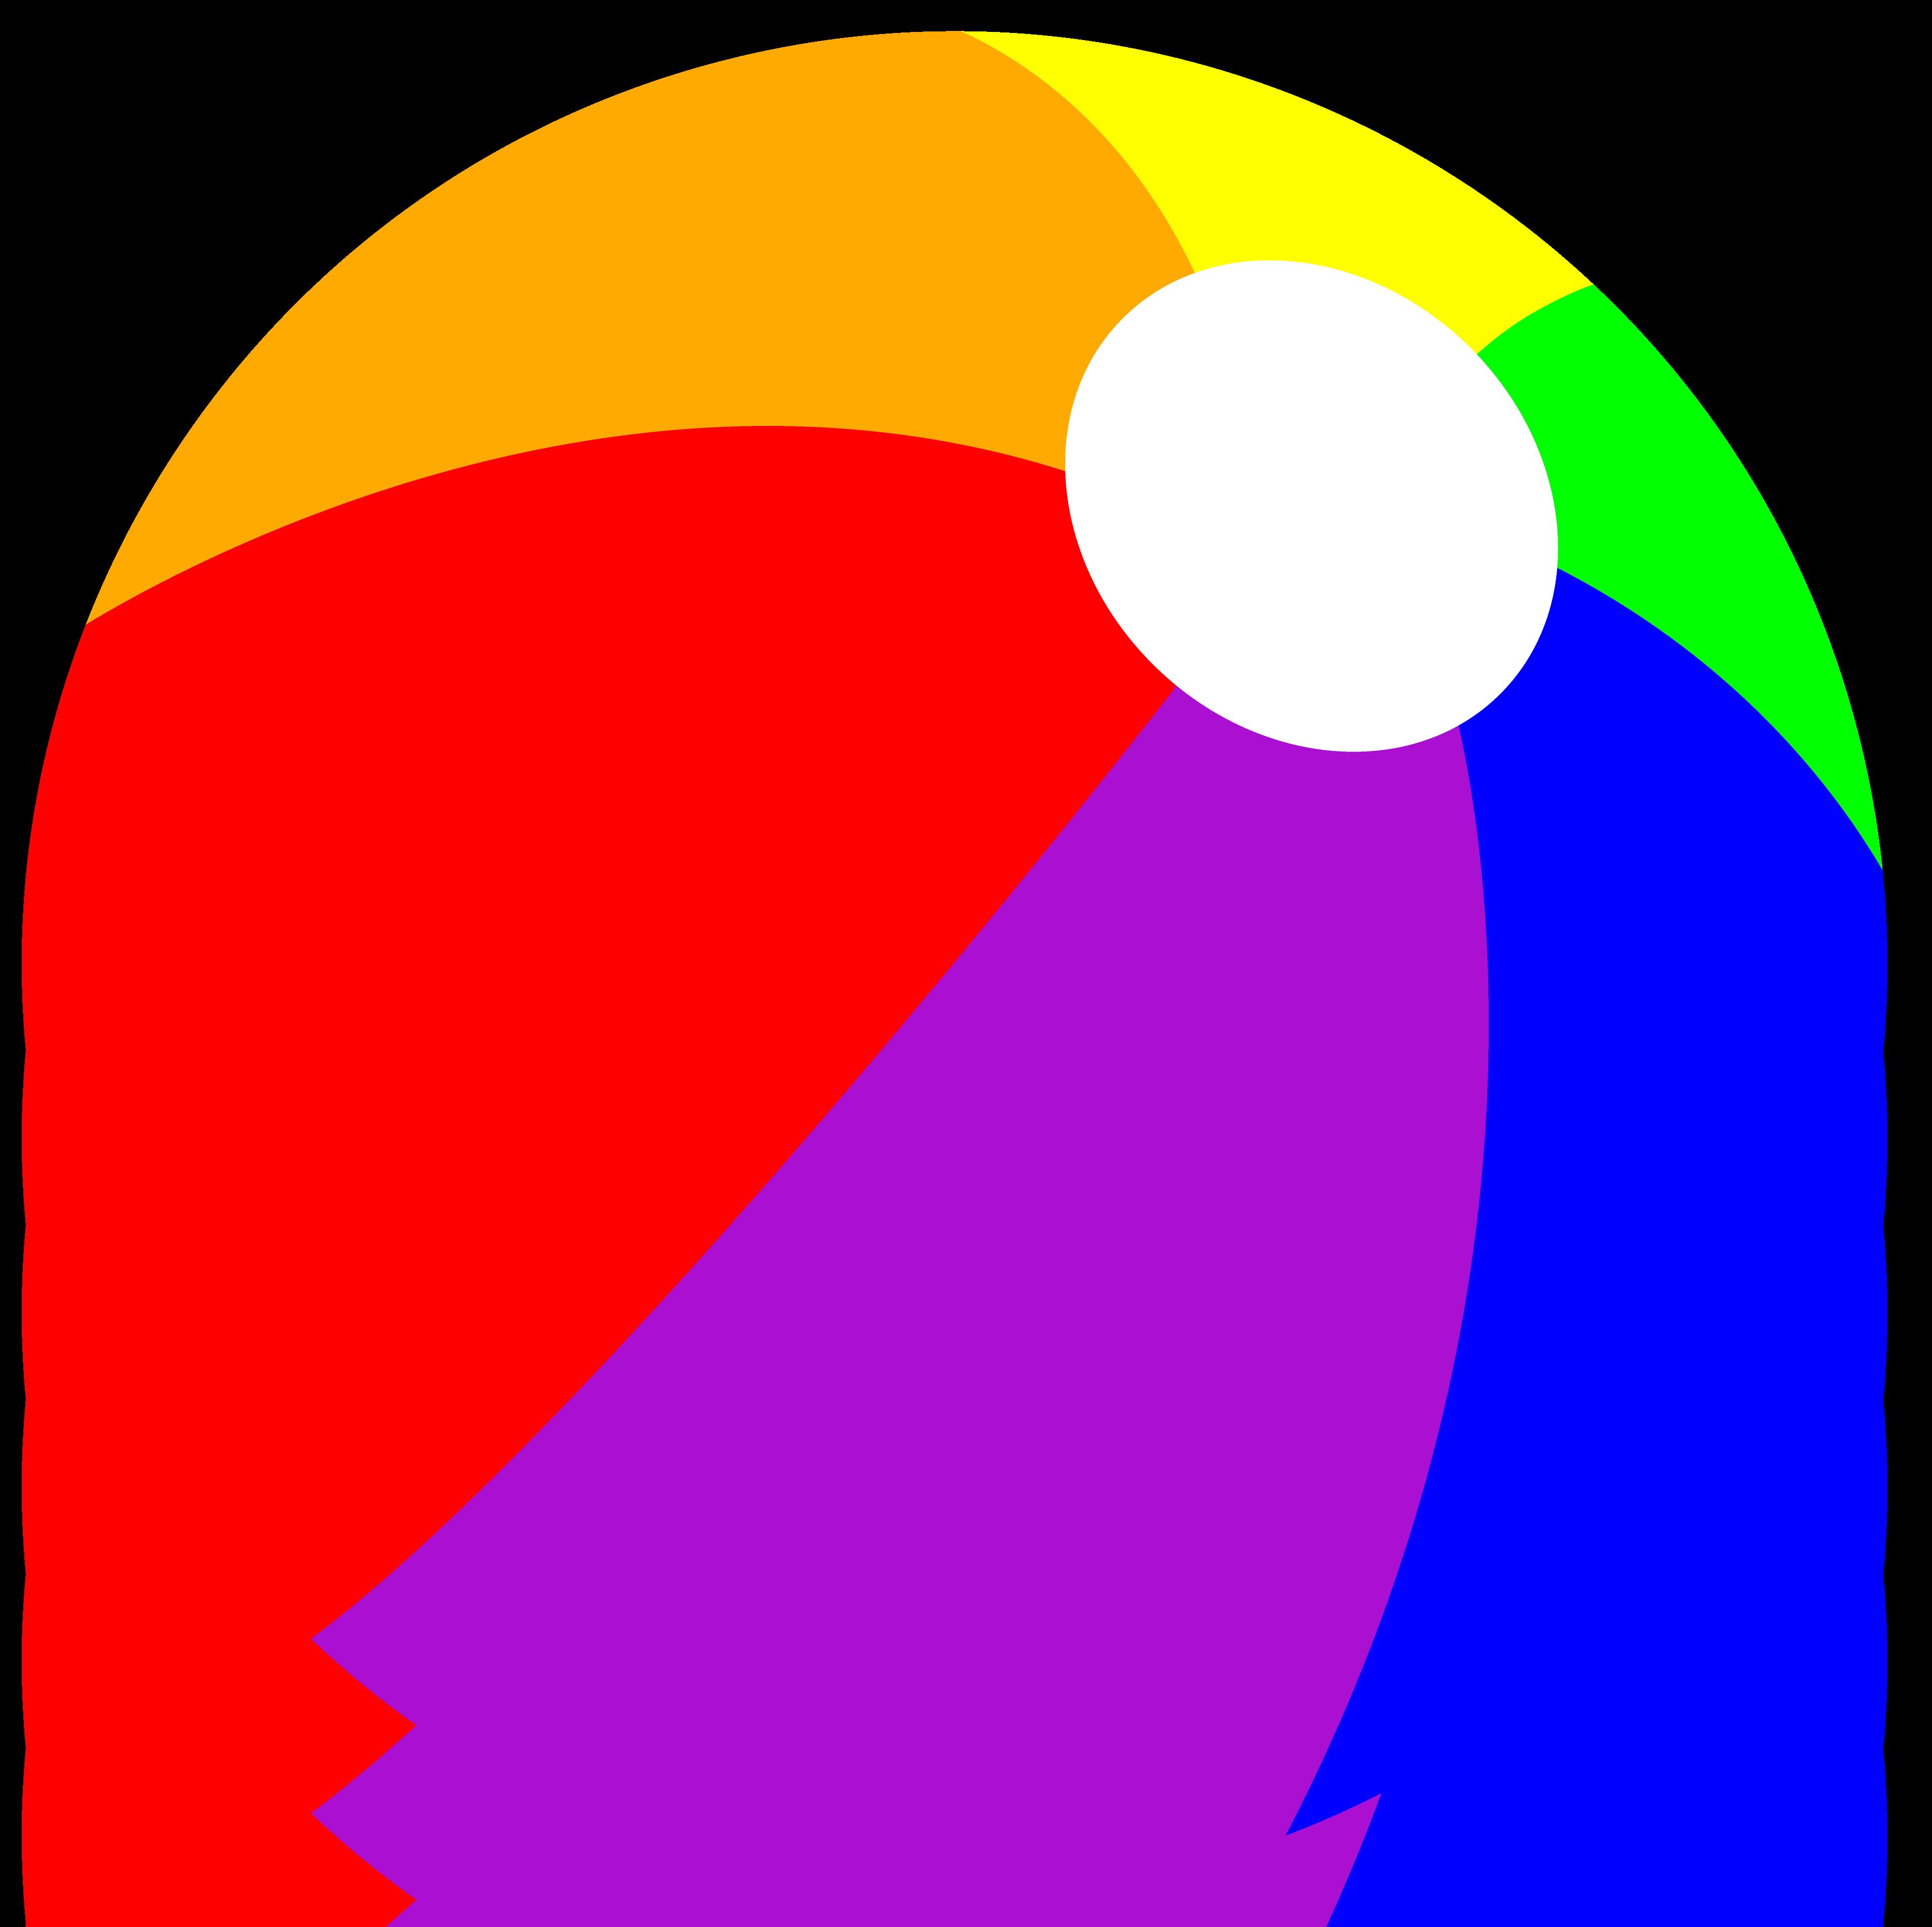 Clipart beach ball-Clipart beach ball-1